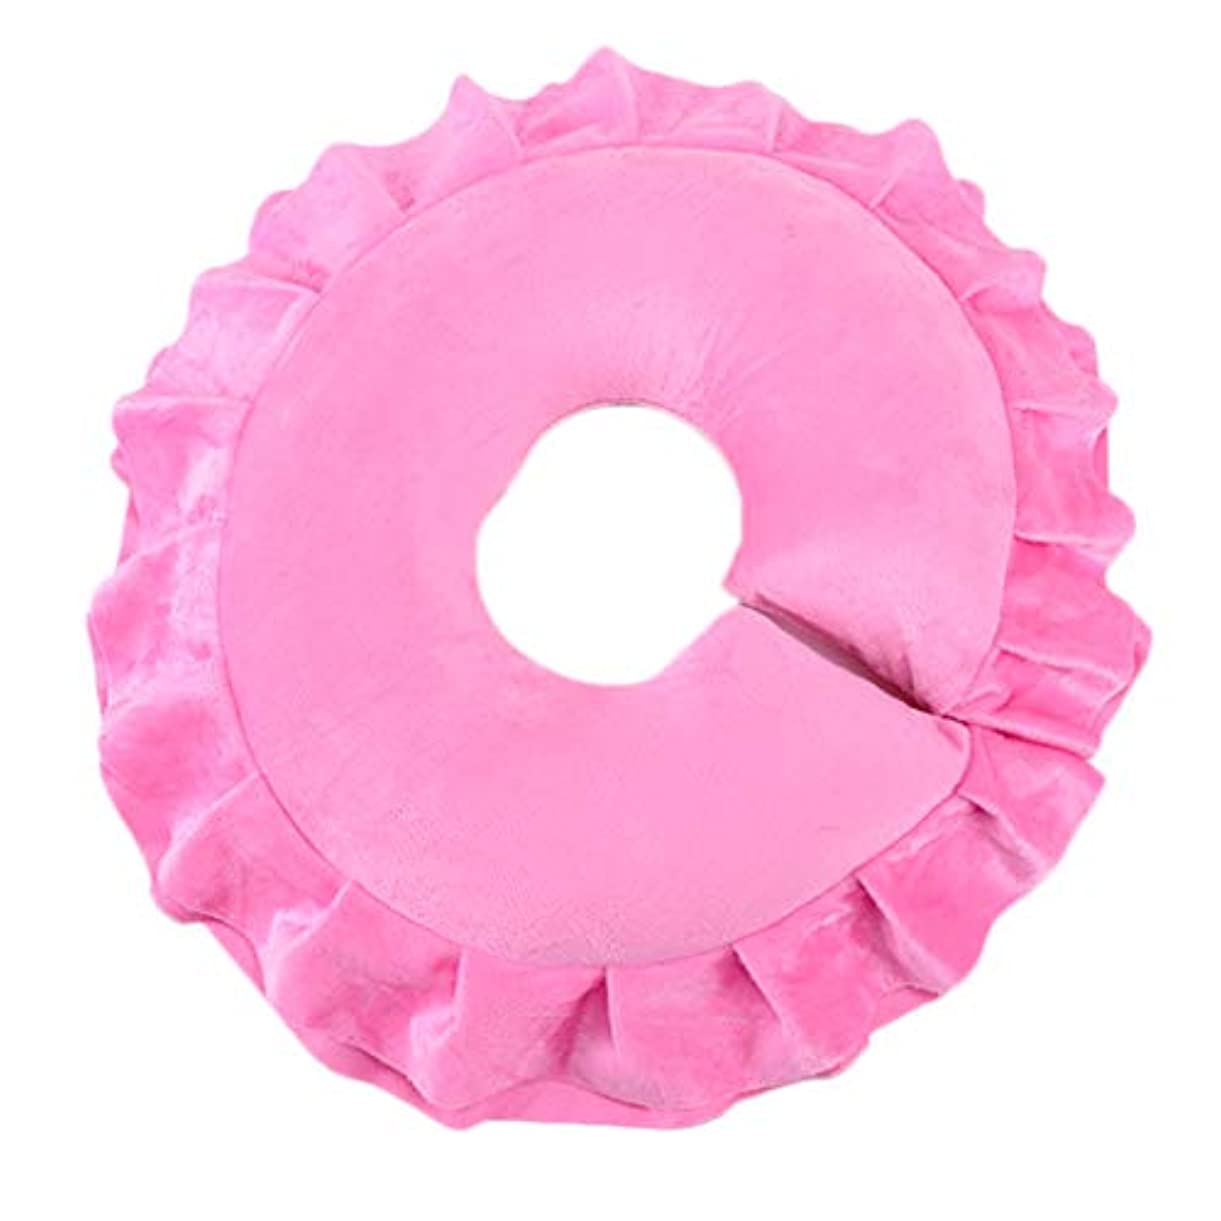 十代の若者たちタイマー虫を数えるフェイスクッション 顔枕 マッサージ用 マッサージピロー ボディマッサージ サロン 全4色 - ピンク